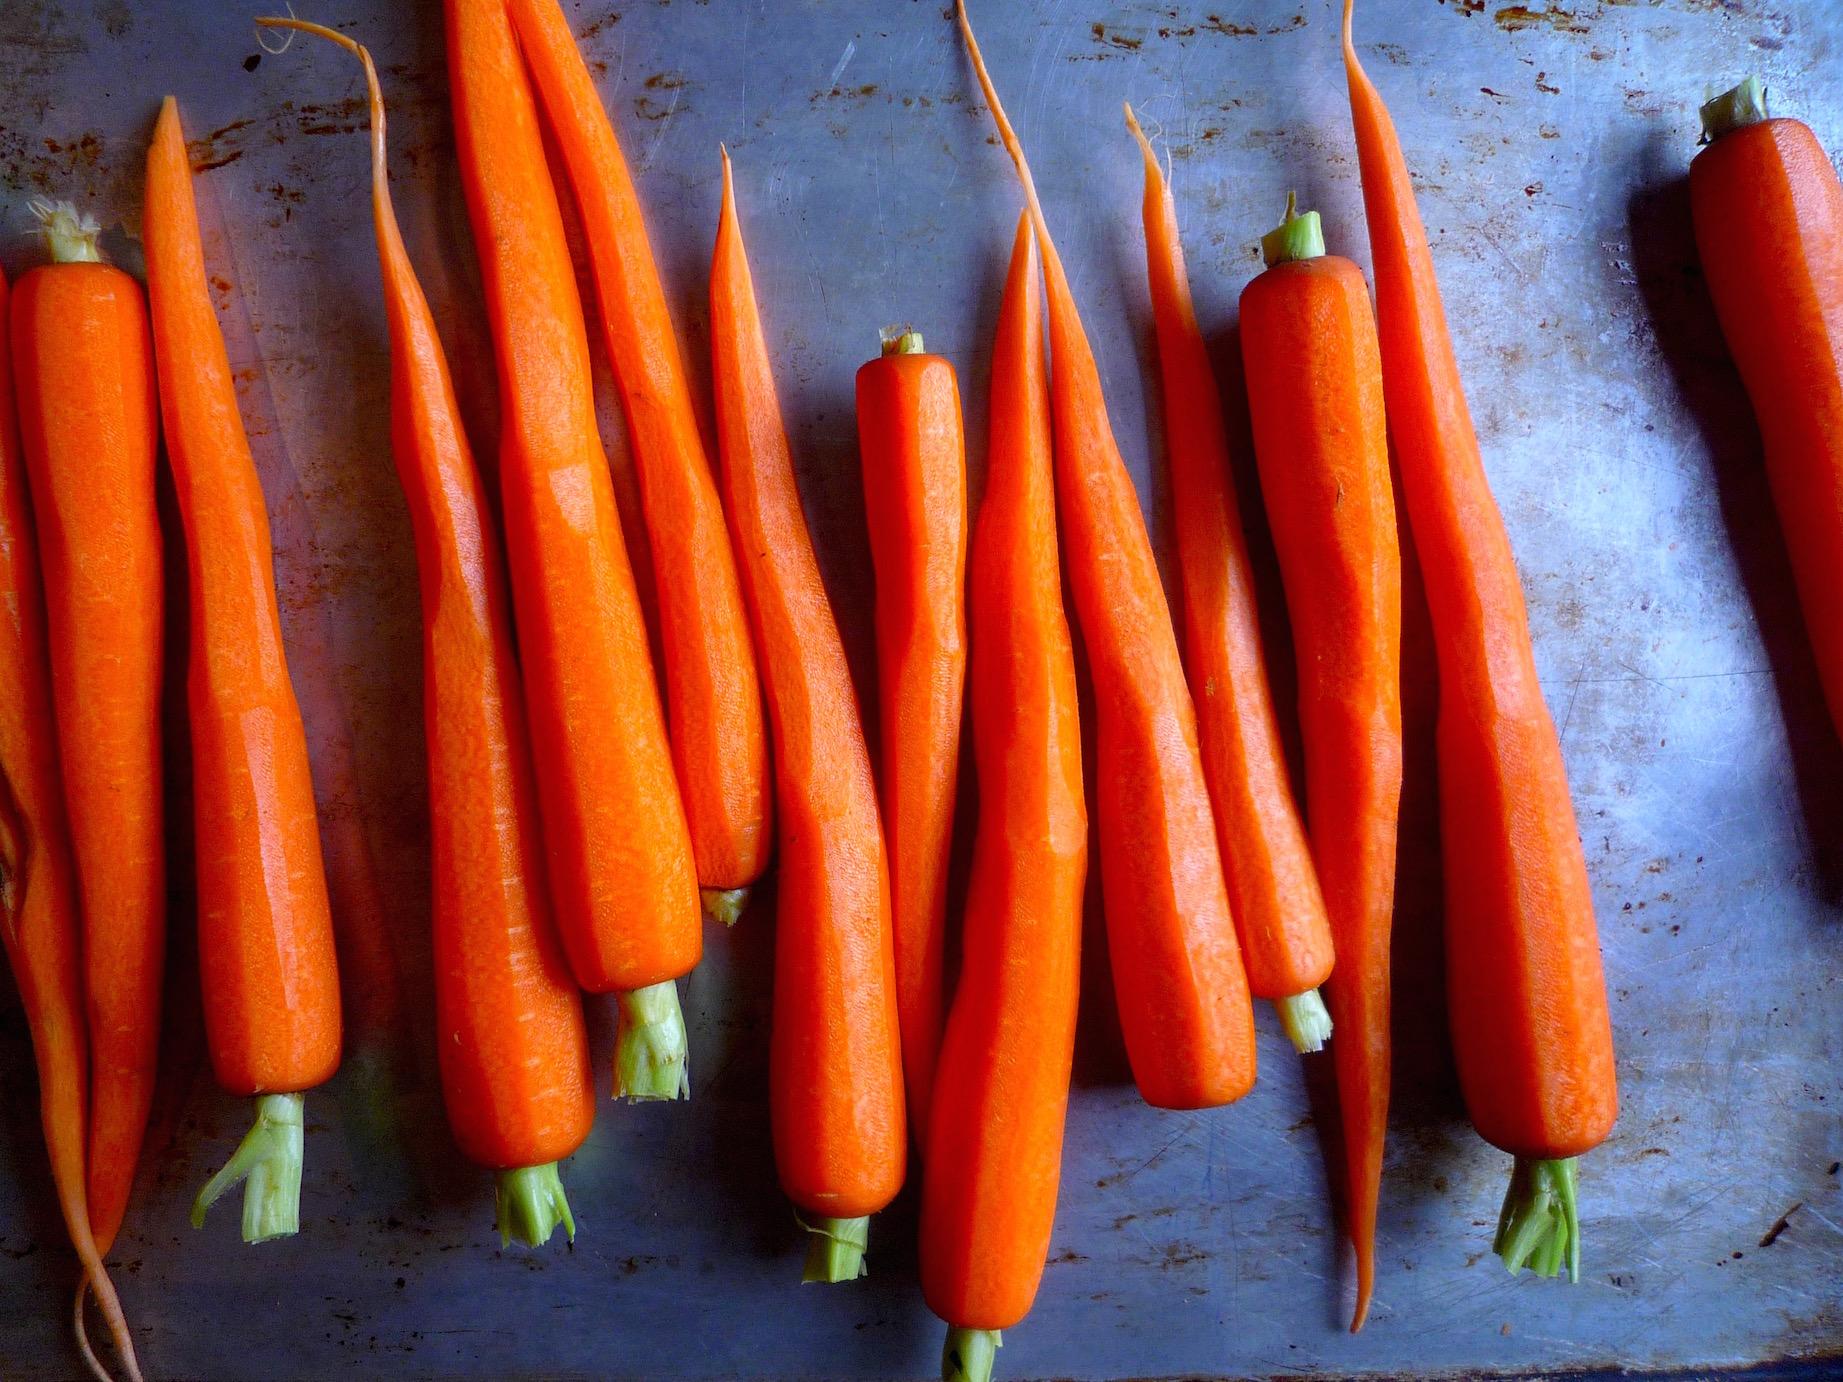 fig. a: carrots